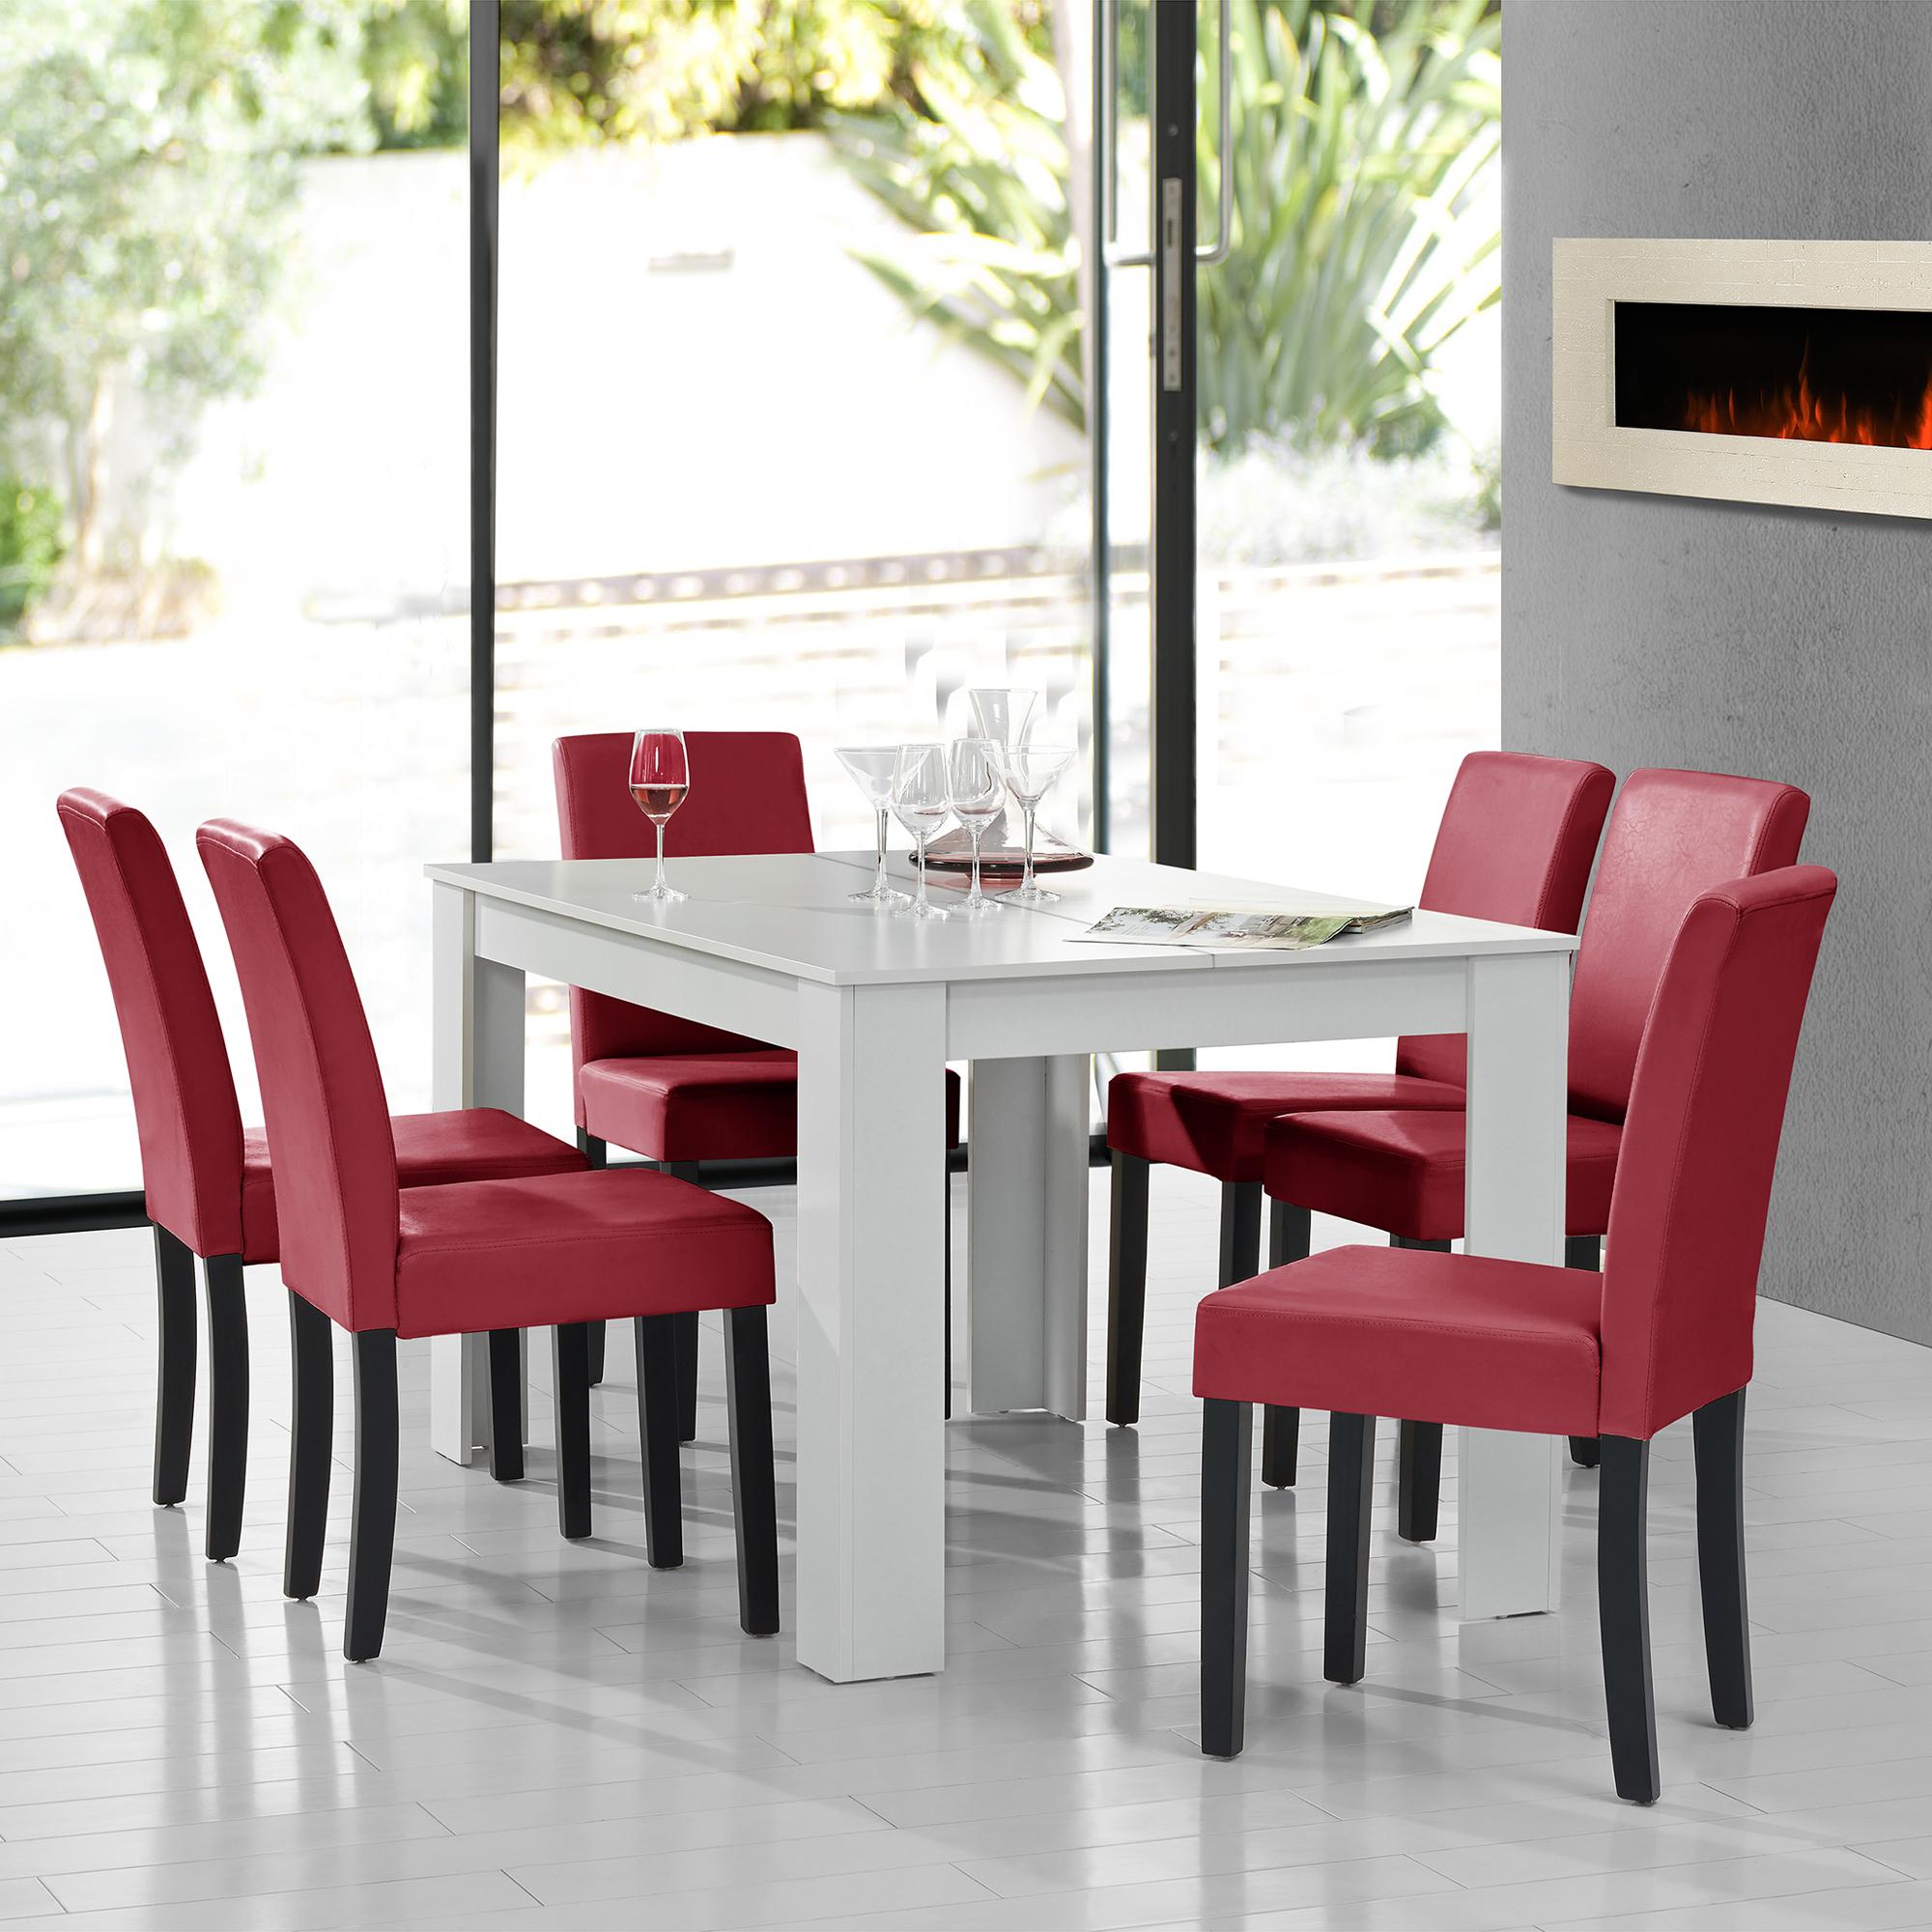 en.casa]® Esstisch weiß mit 6 Stühlen dunkelrot [140x90] Tisch ...